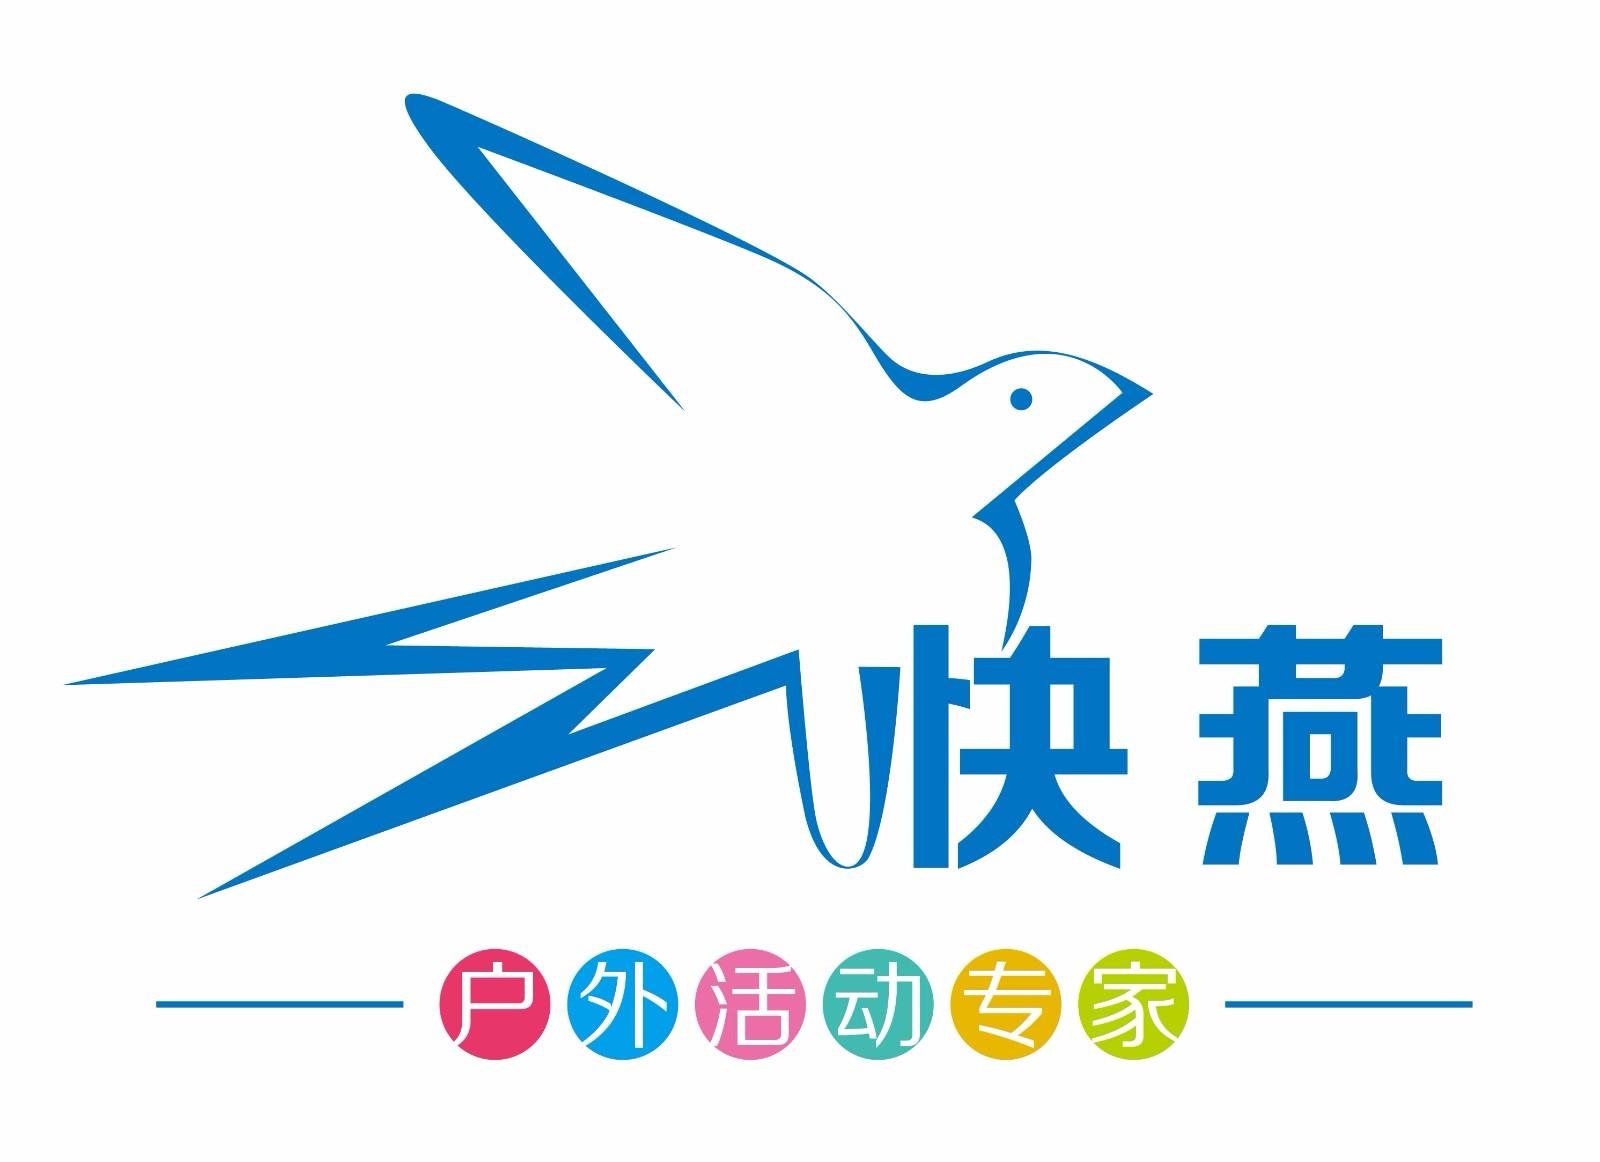 上海快燕企业管理咨询有限公司